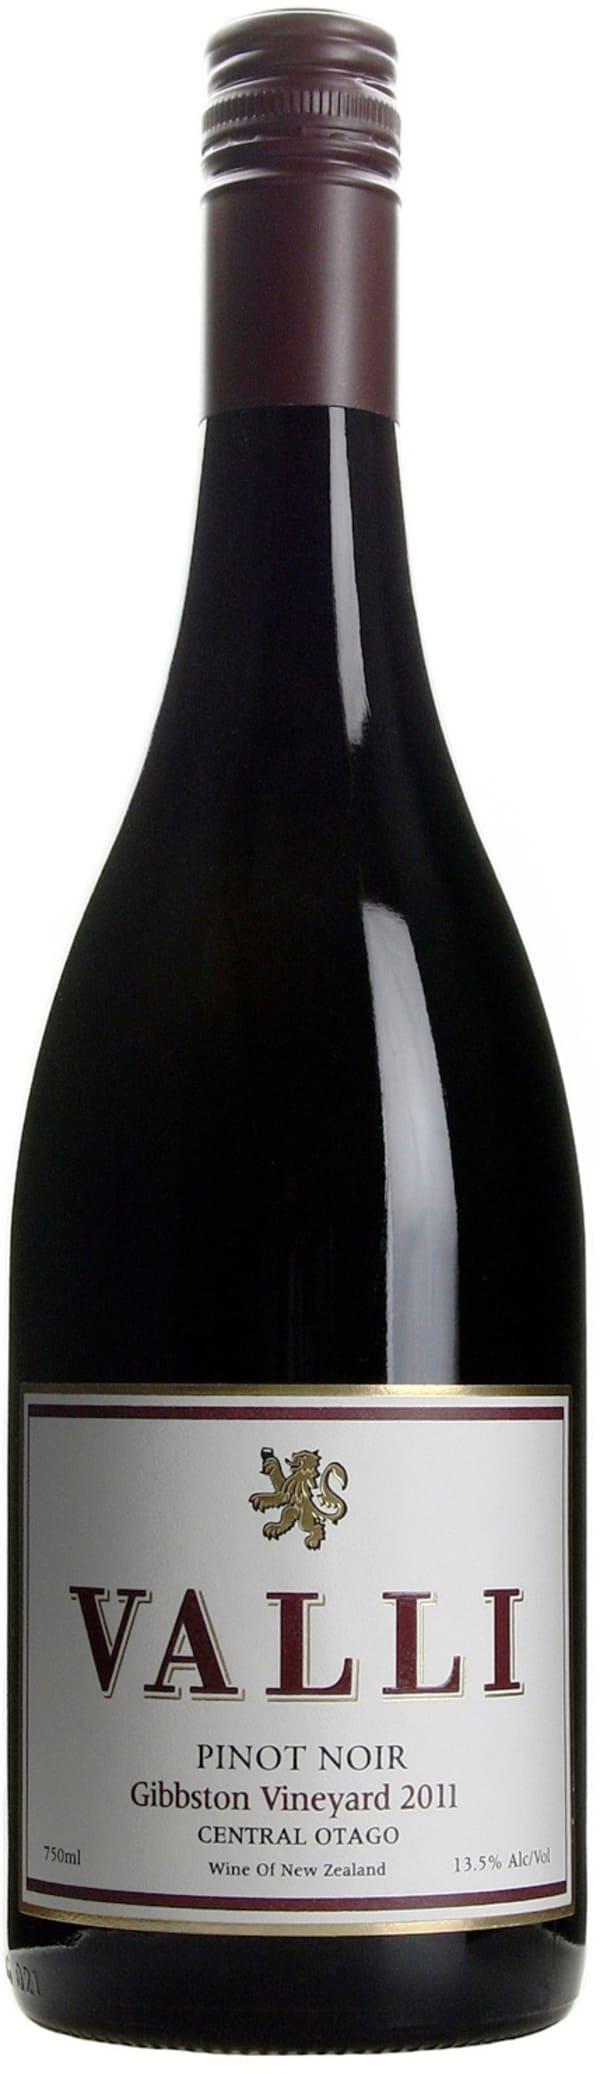 Valli Gibbston Vineyard Pinot Noir 2011